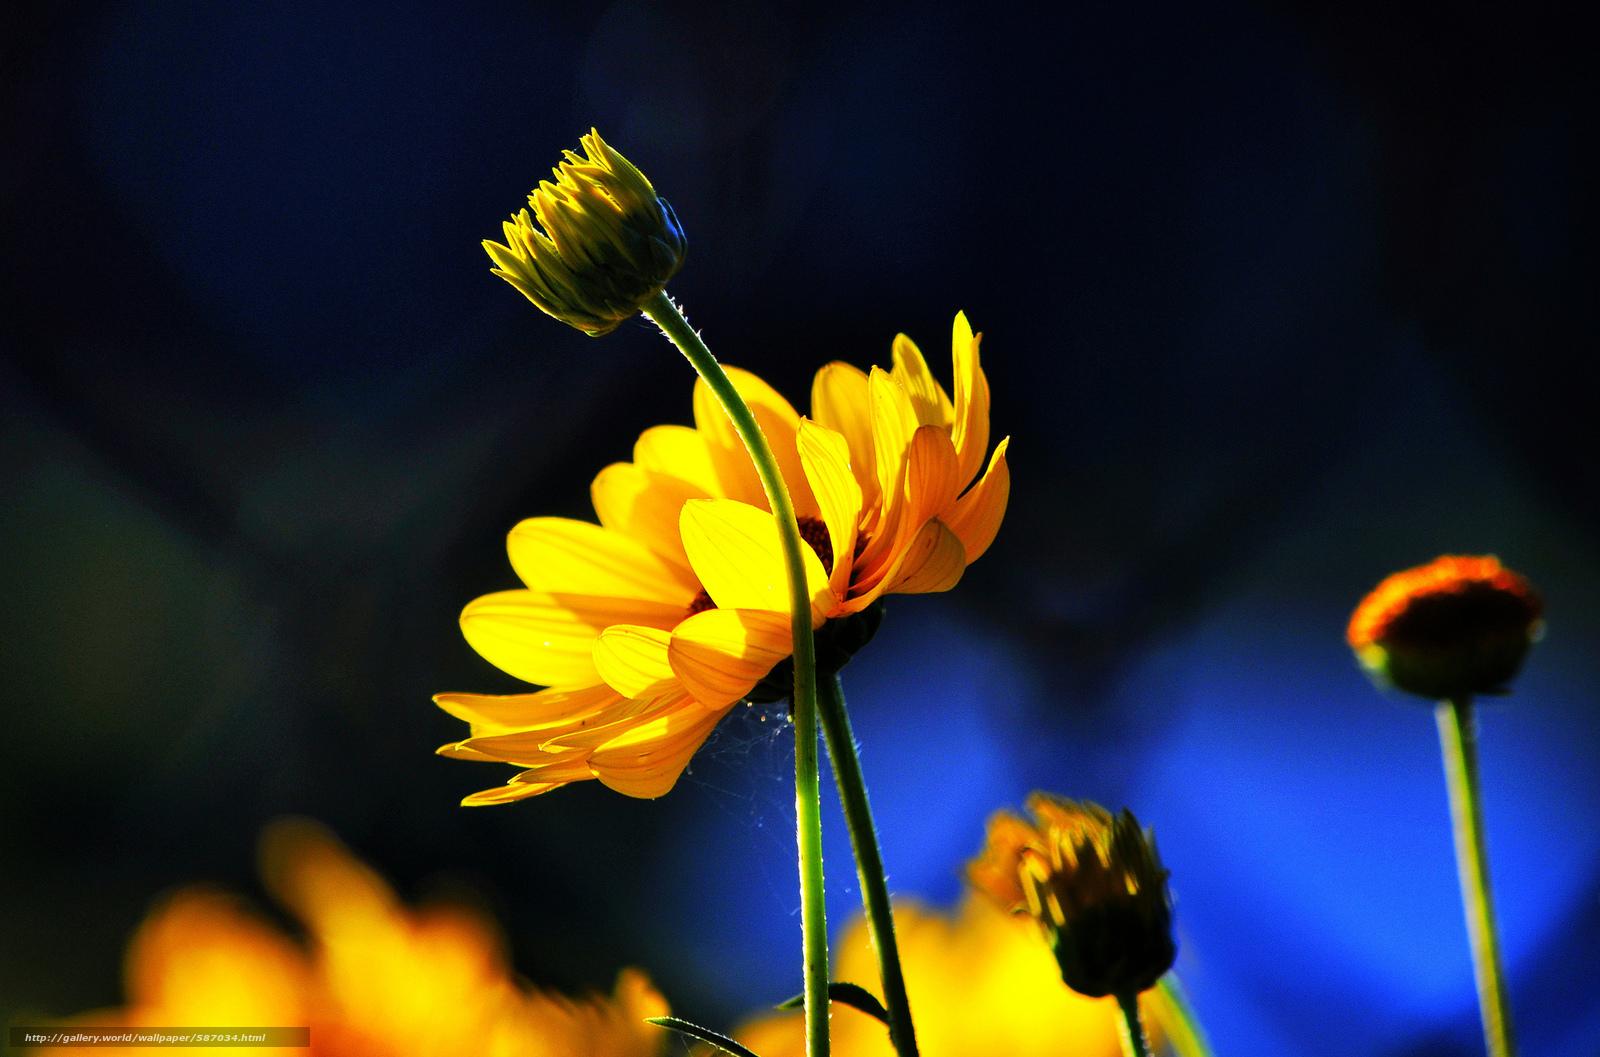 Скачать обои бутоны,  фон,  цветы,  синий бесплатно для рабочего стола в разрешении 2048x1353 — картинка №587034